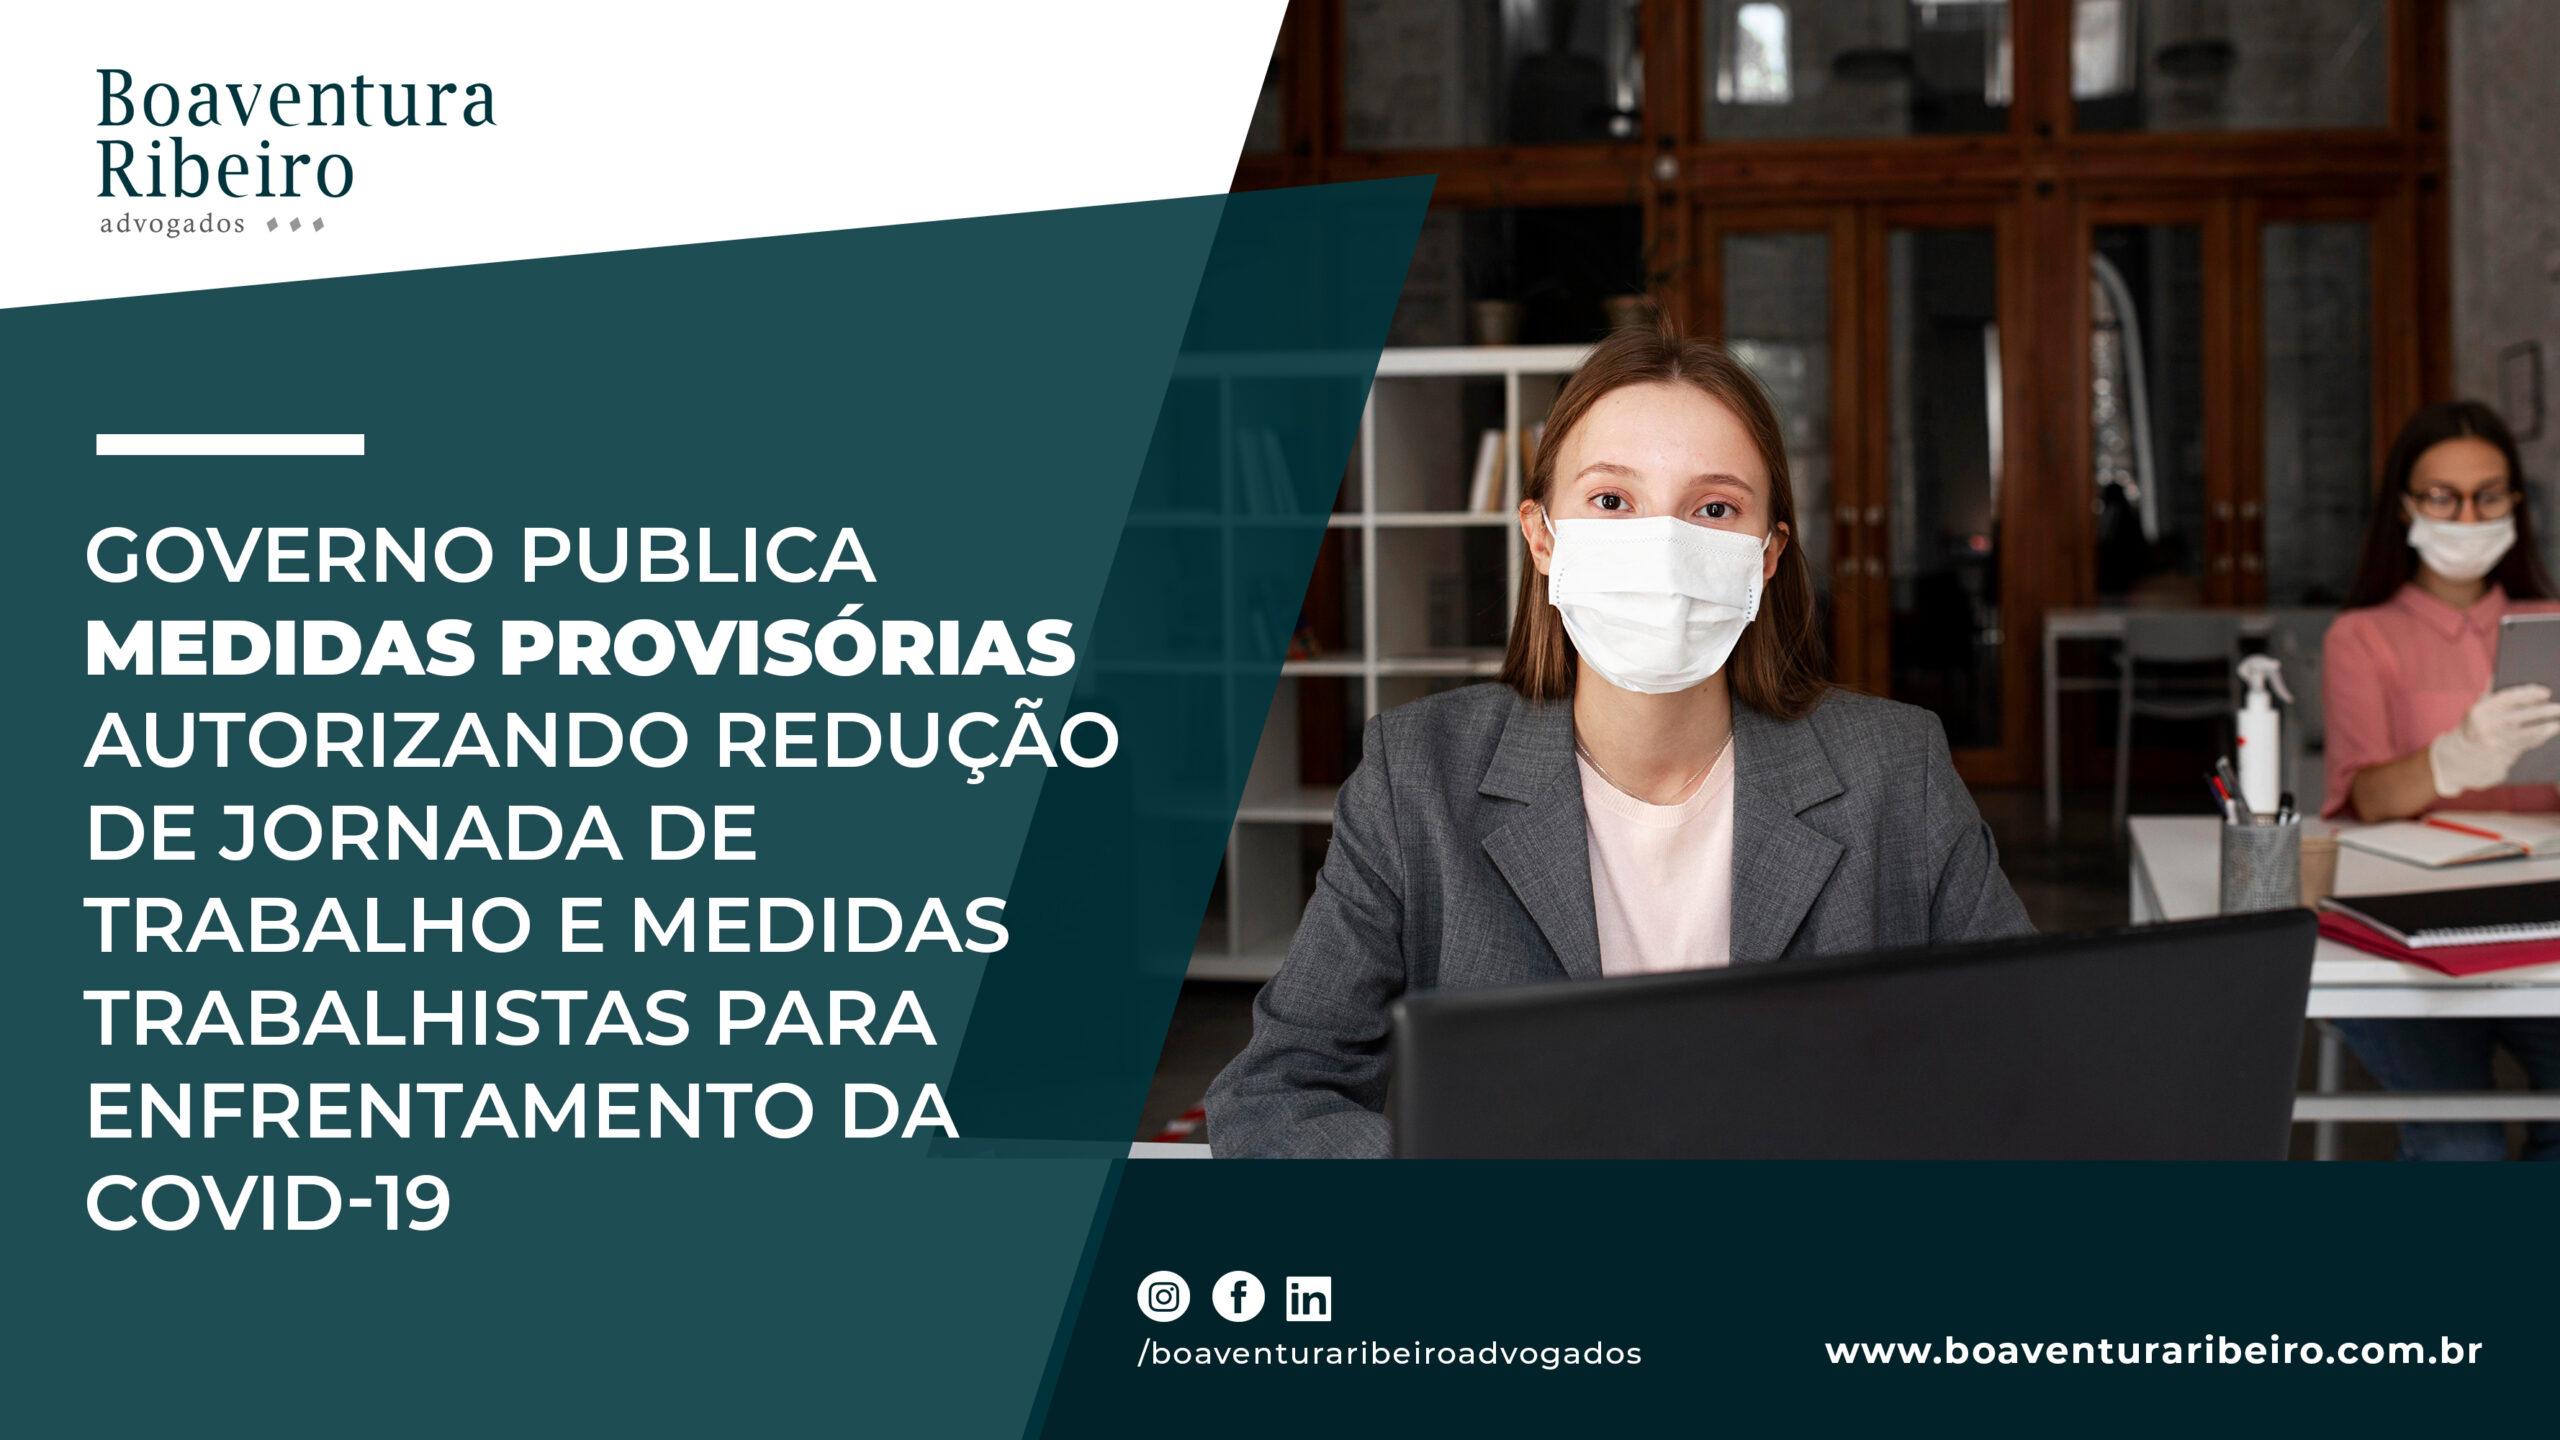 Governo publica medidas provisórias autorizando redução de jornada de trabalho e medidas trabalhistas para enfrentamento da COVID.